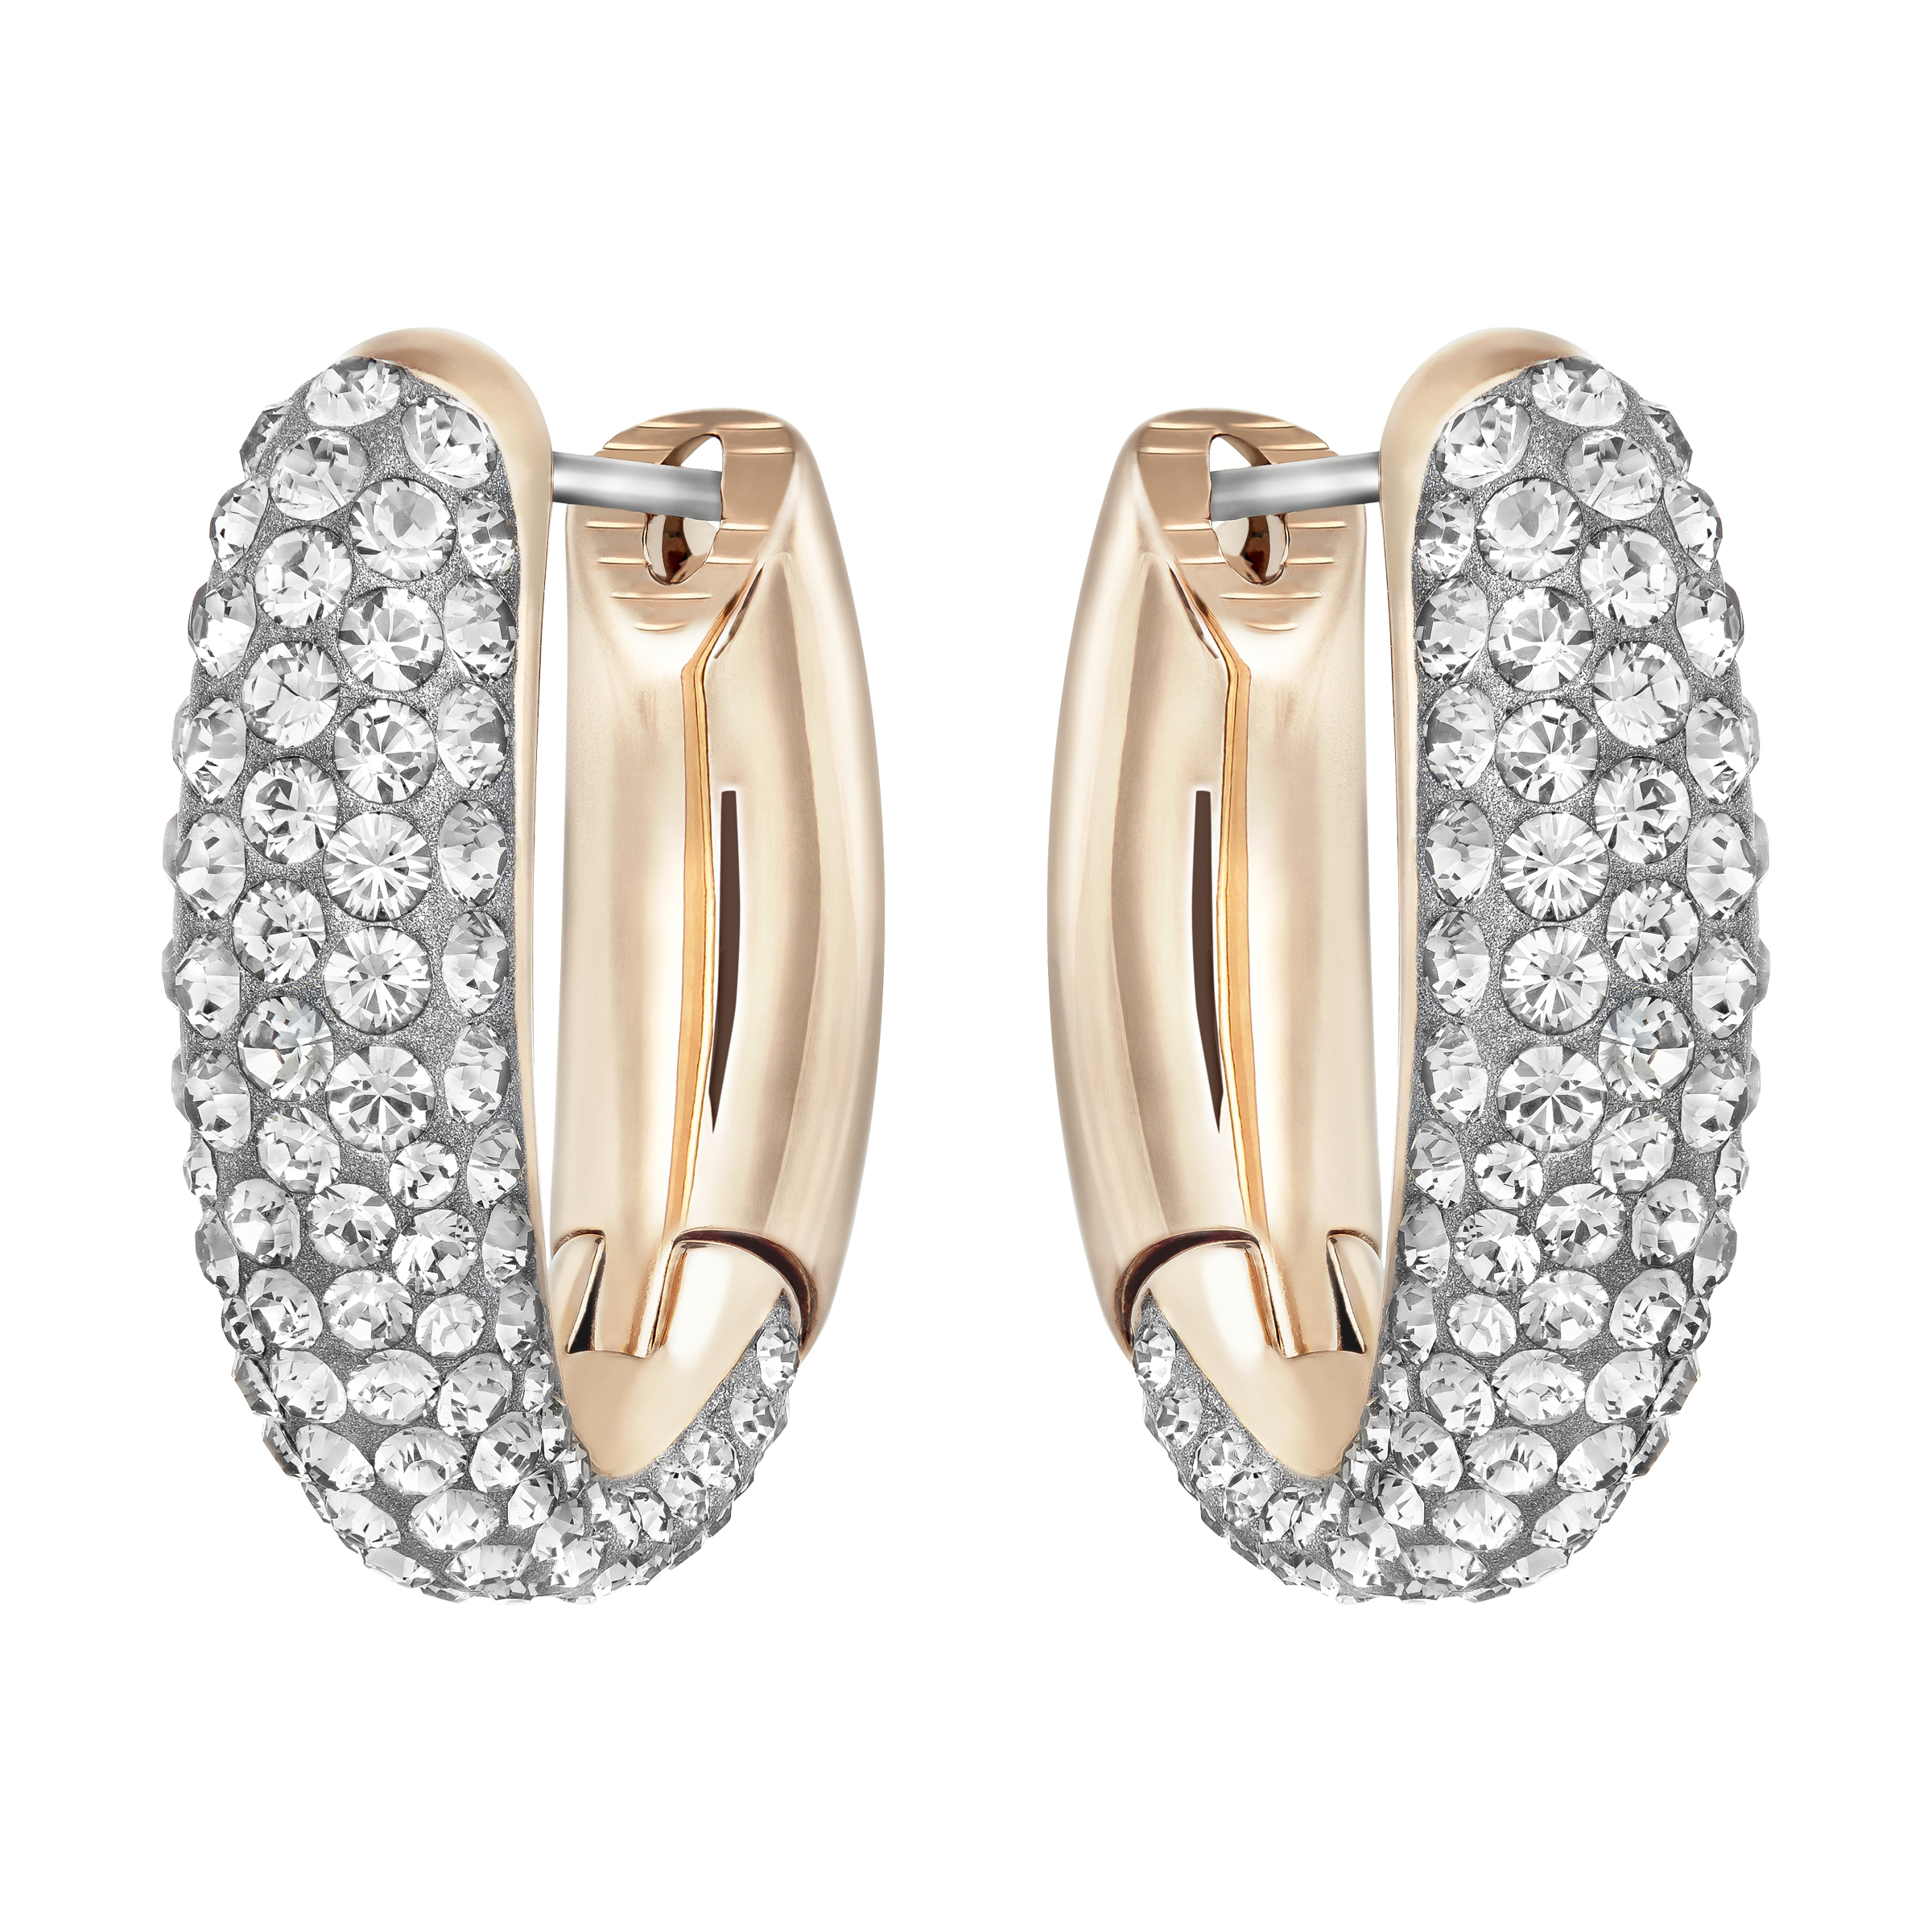 529e85aa9 Ladies Swarovski Jewellery PVD rose plating Circlet Hoop Earrings (5153433)  | WatchShop.com™